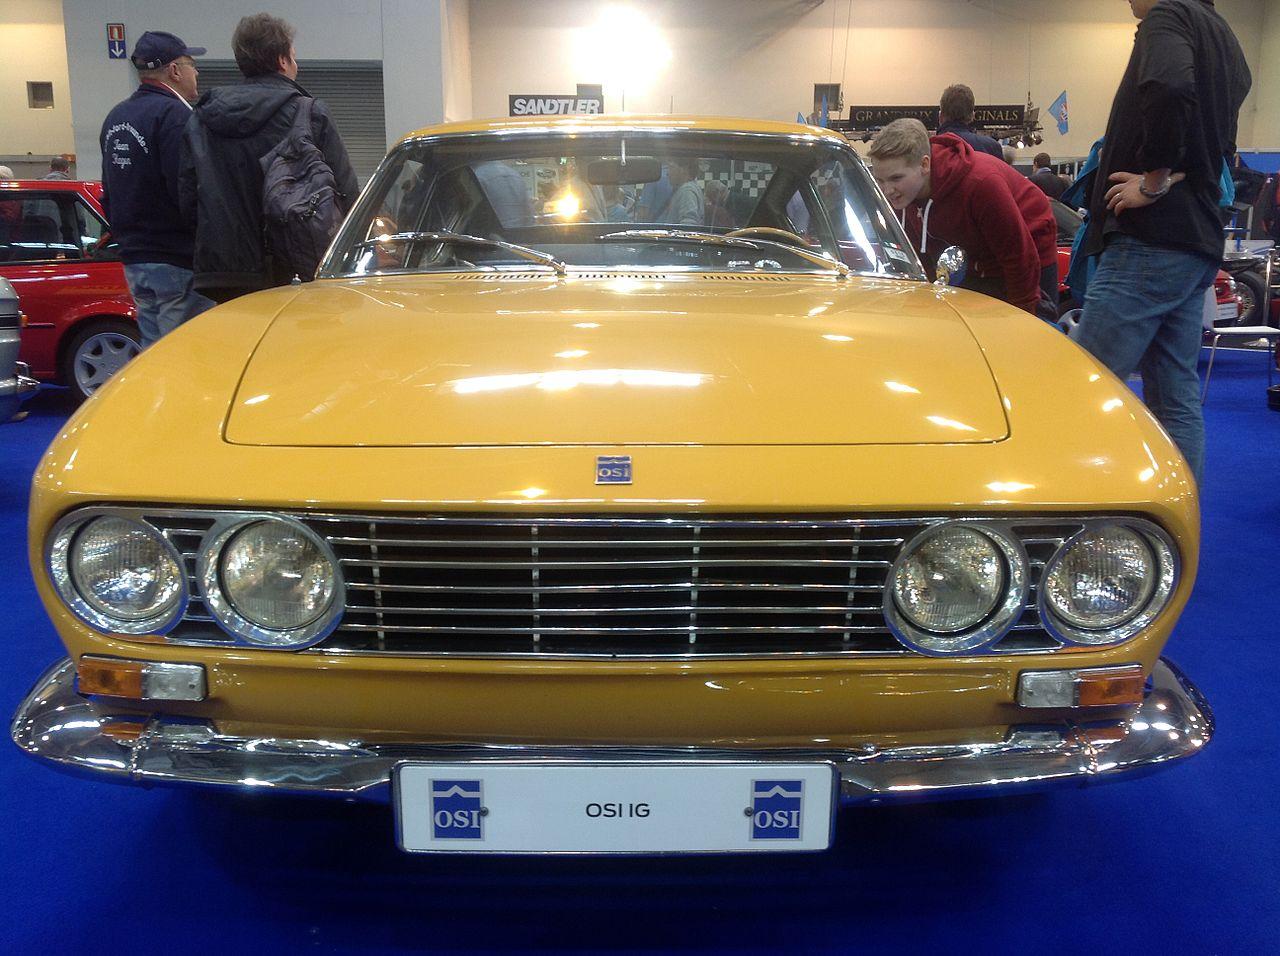 File:OSI 20M TS (Ford Taunus based) (26357242161).jpg - Wikimedia ...